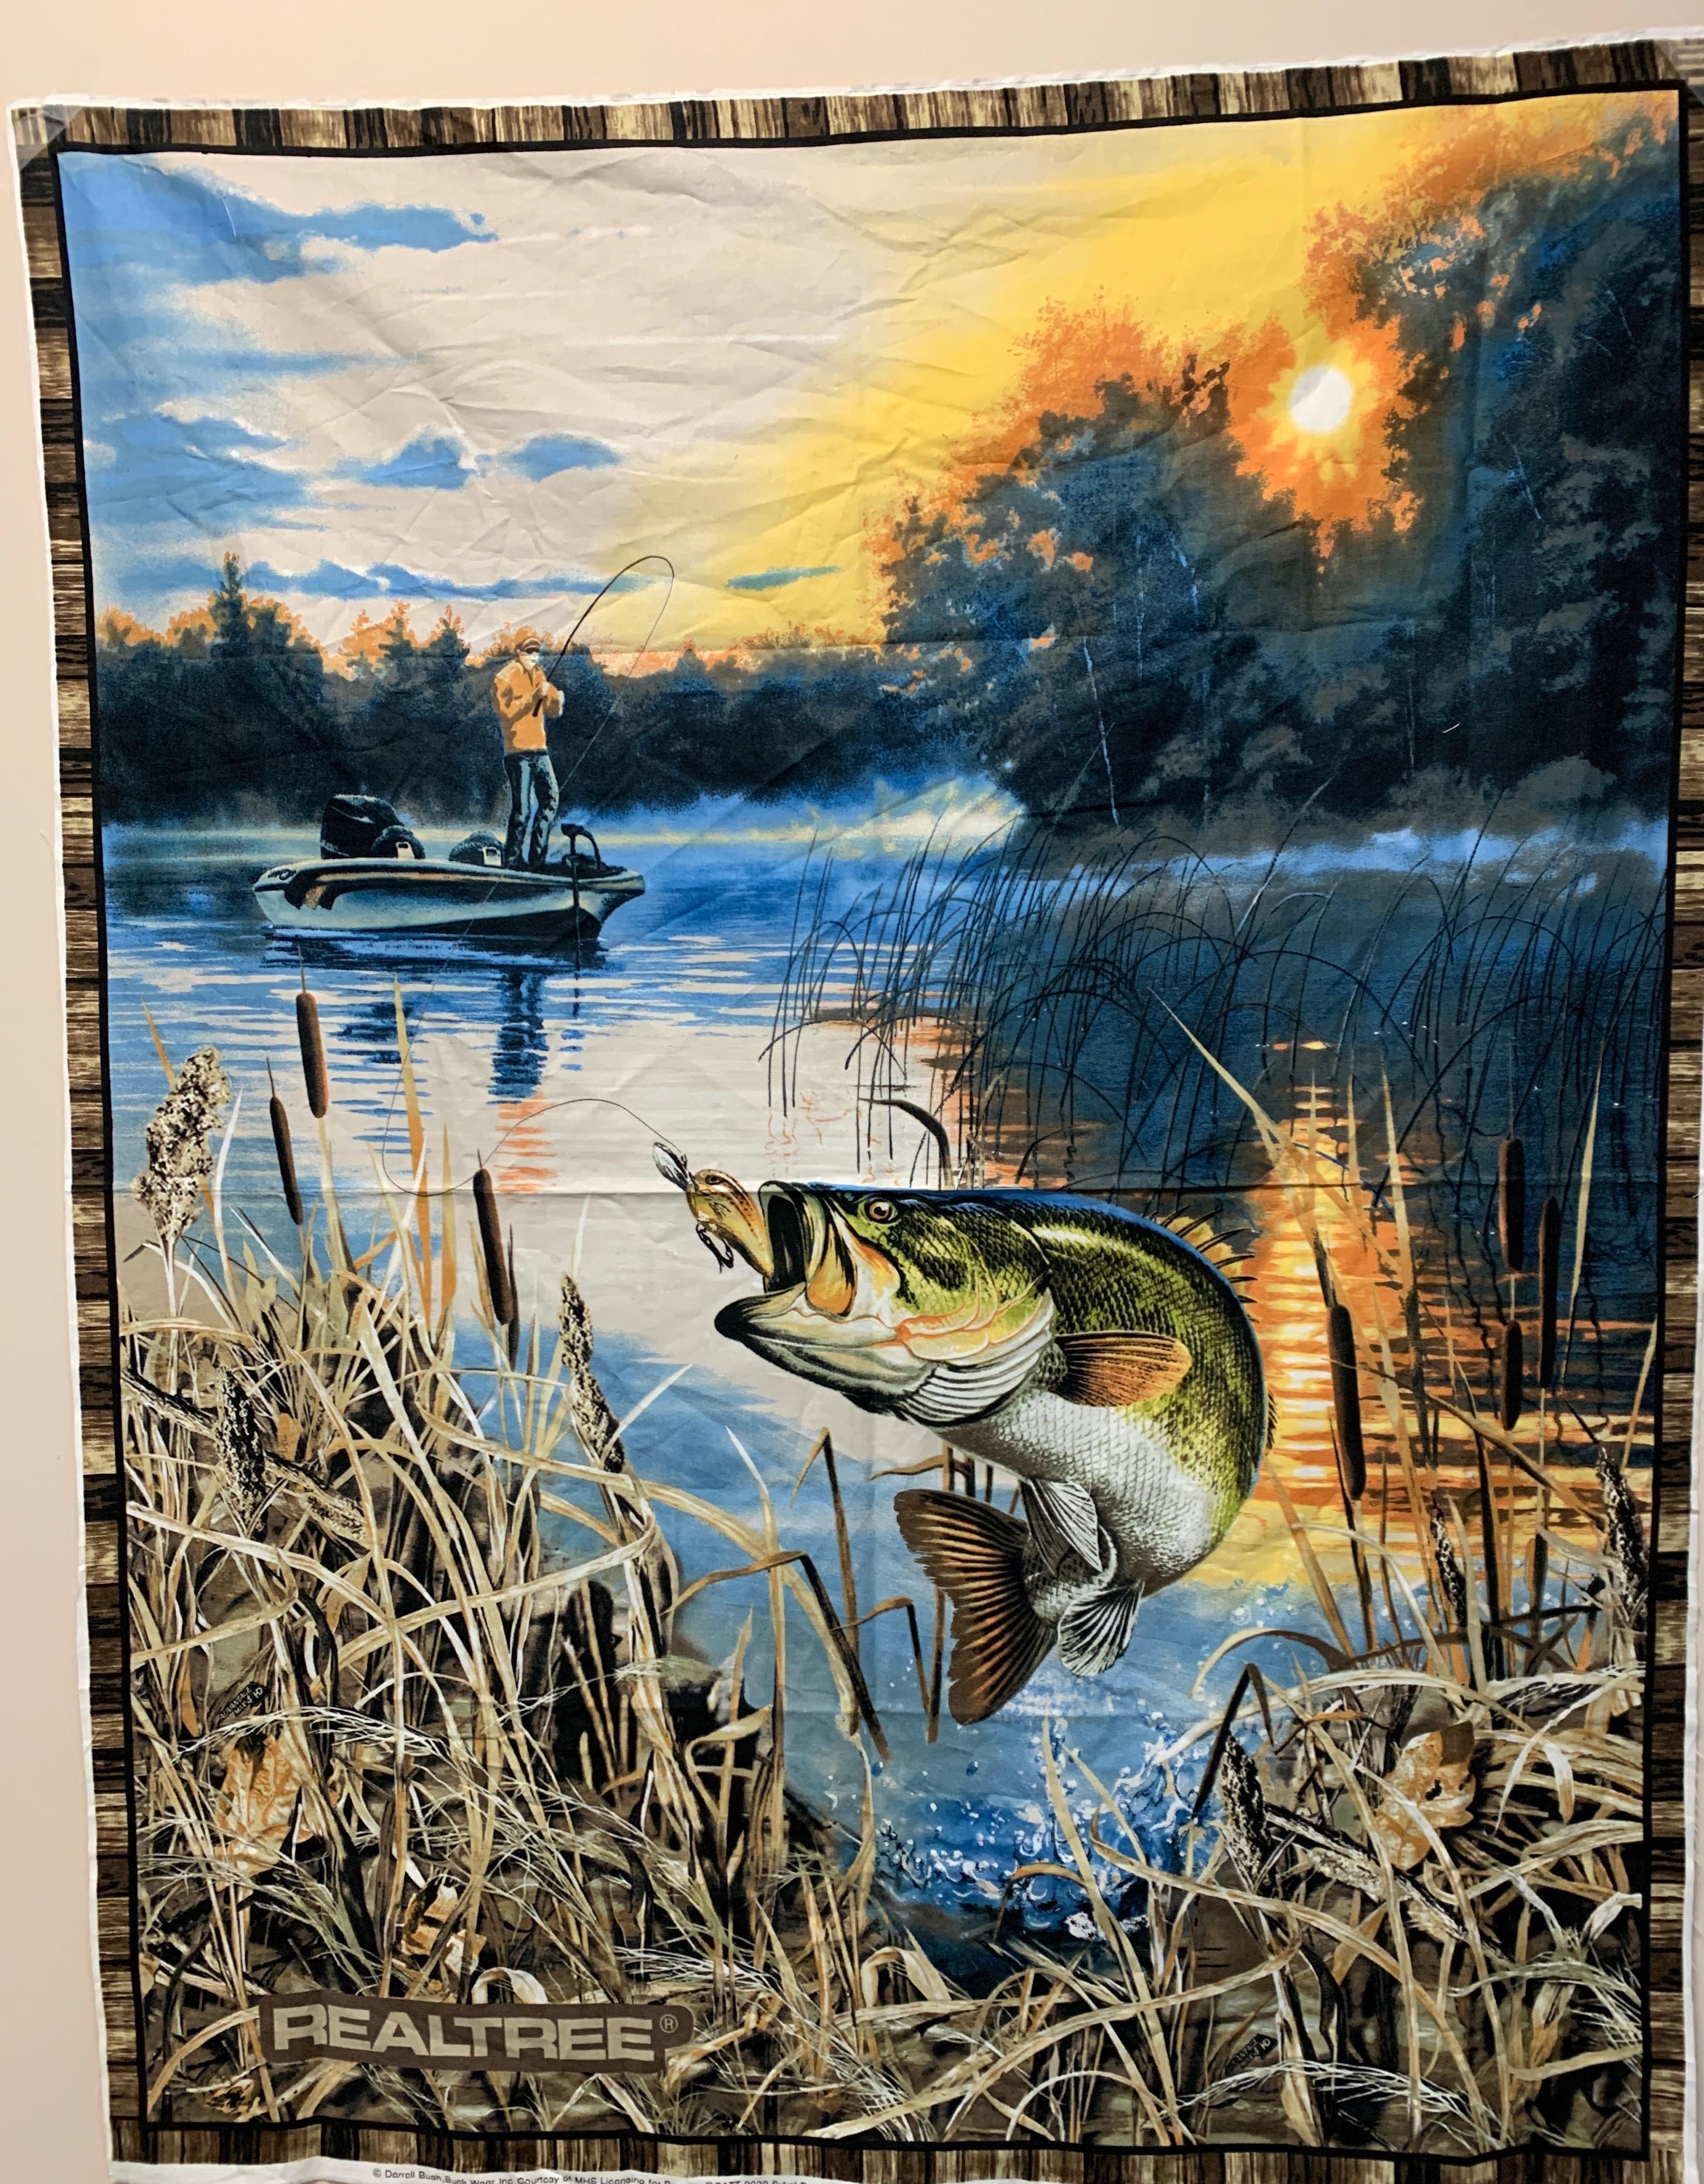 009 - Fishing Bass